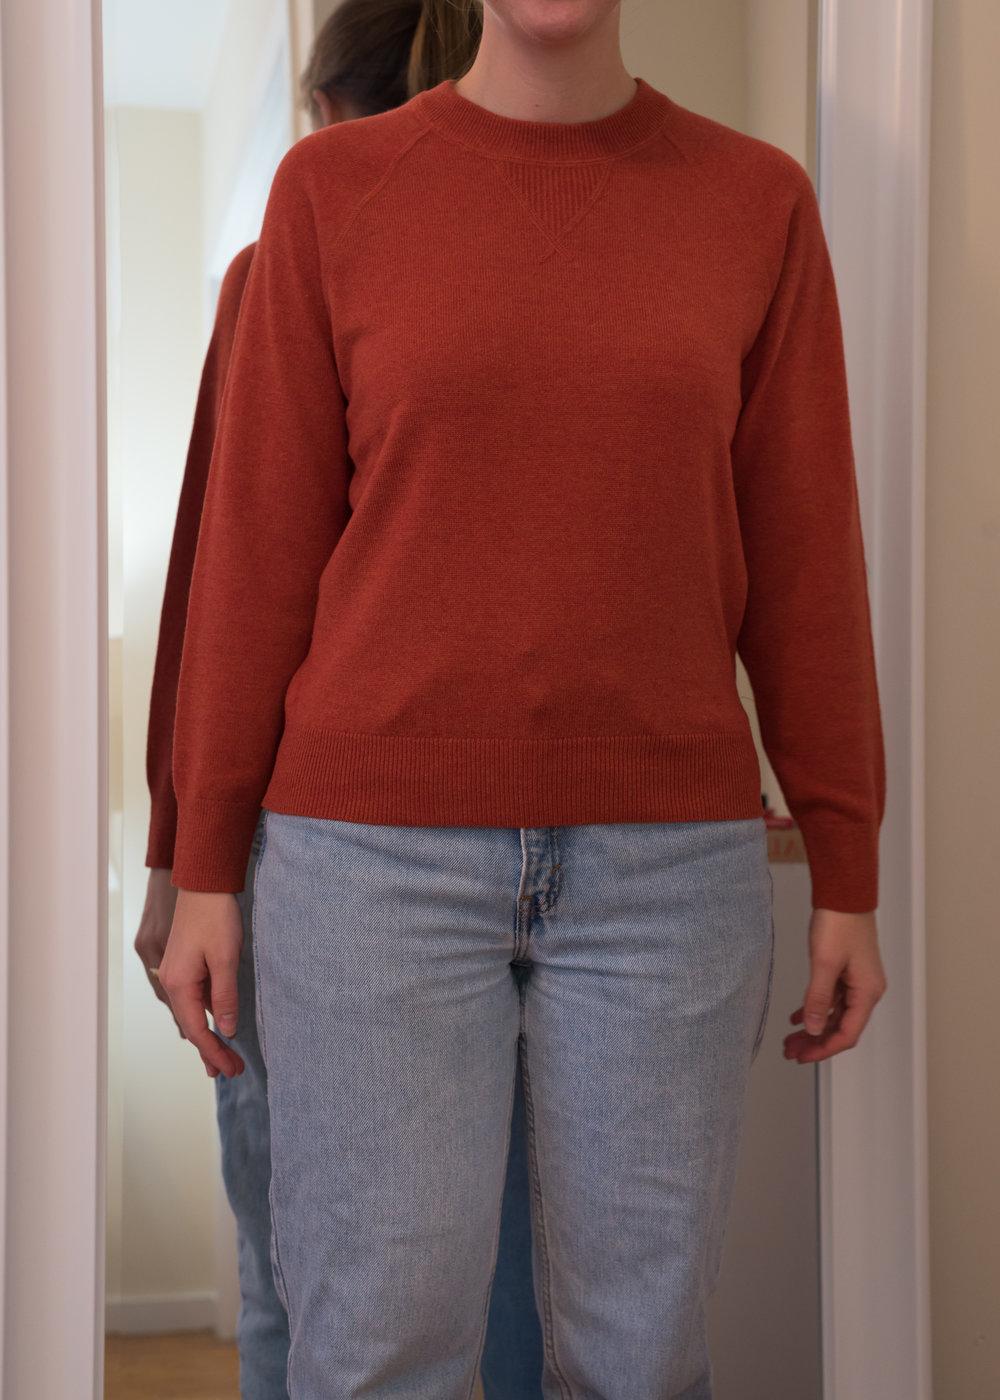 Everlane Cashmere Shrunken Sweatshirt - Front View